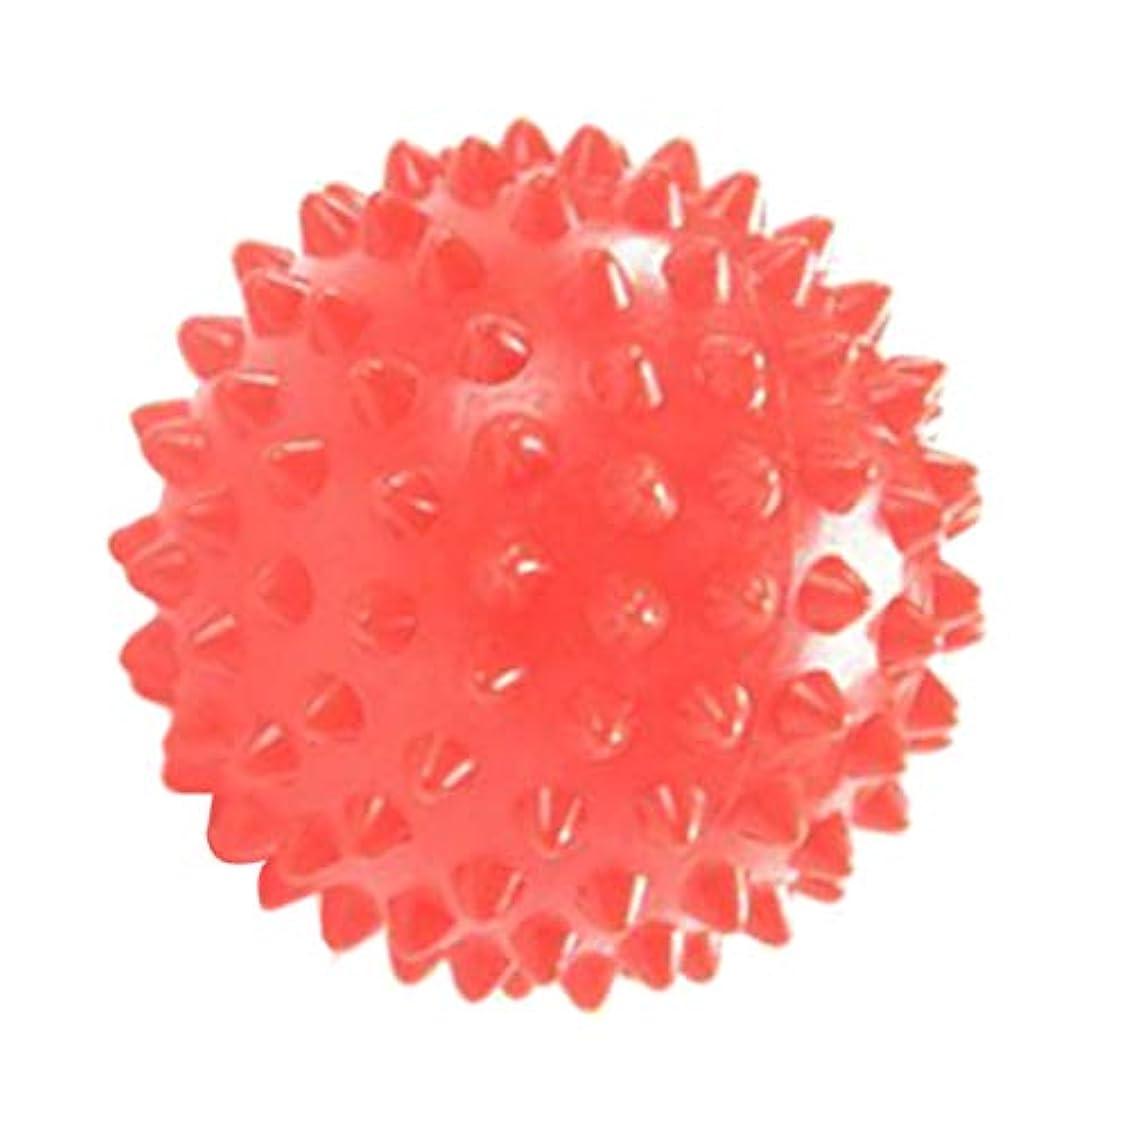 ガウンフルーツ研磨剤指圧ボール 触覚ボール マッサージローラー ローラーボール 軽量 持ち運び便利 補助ツール